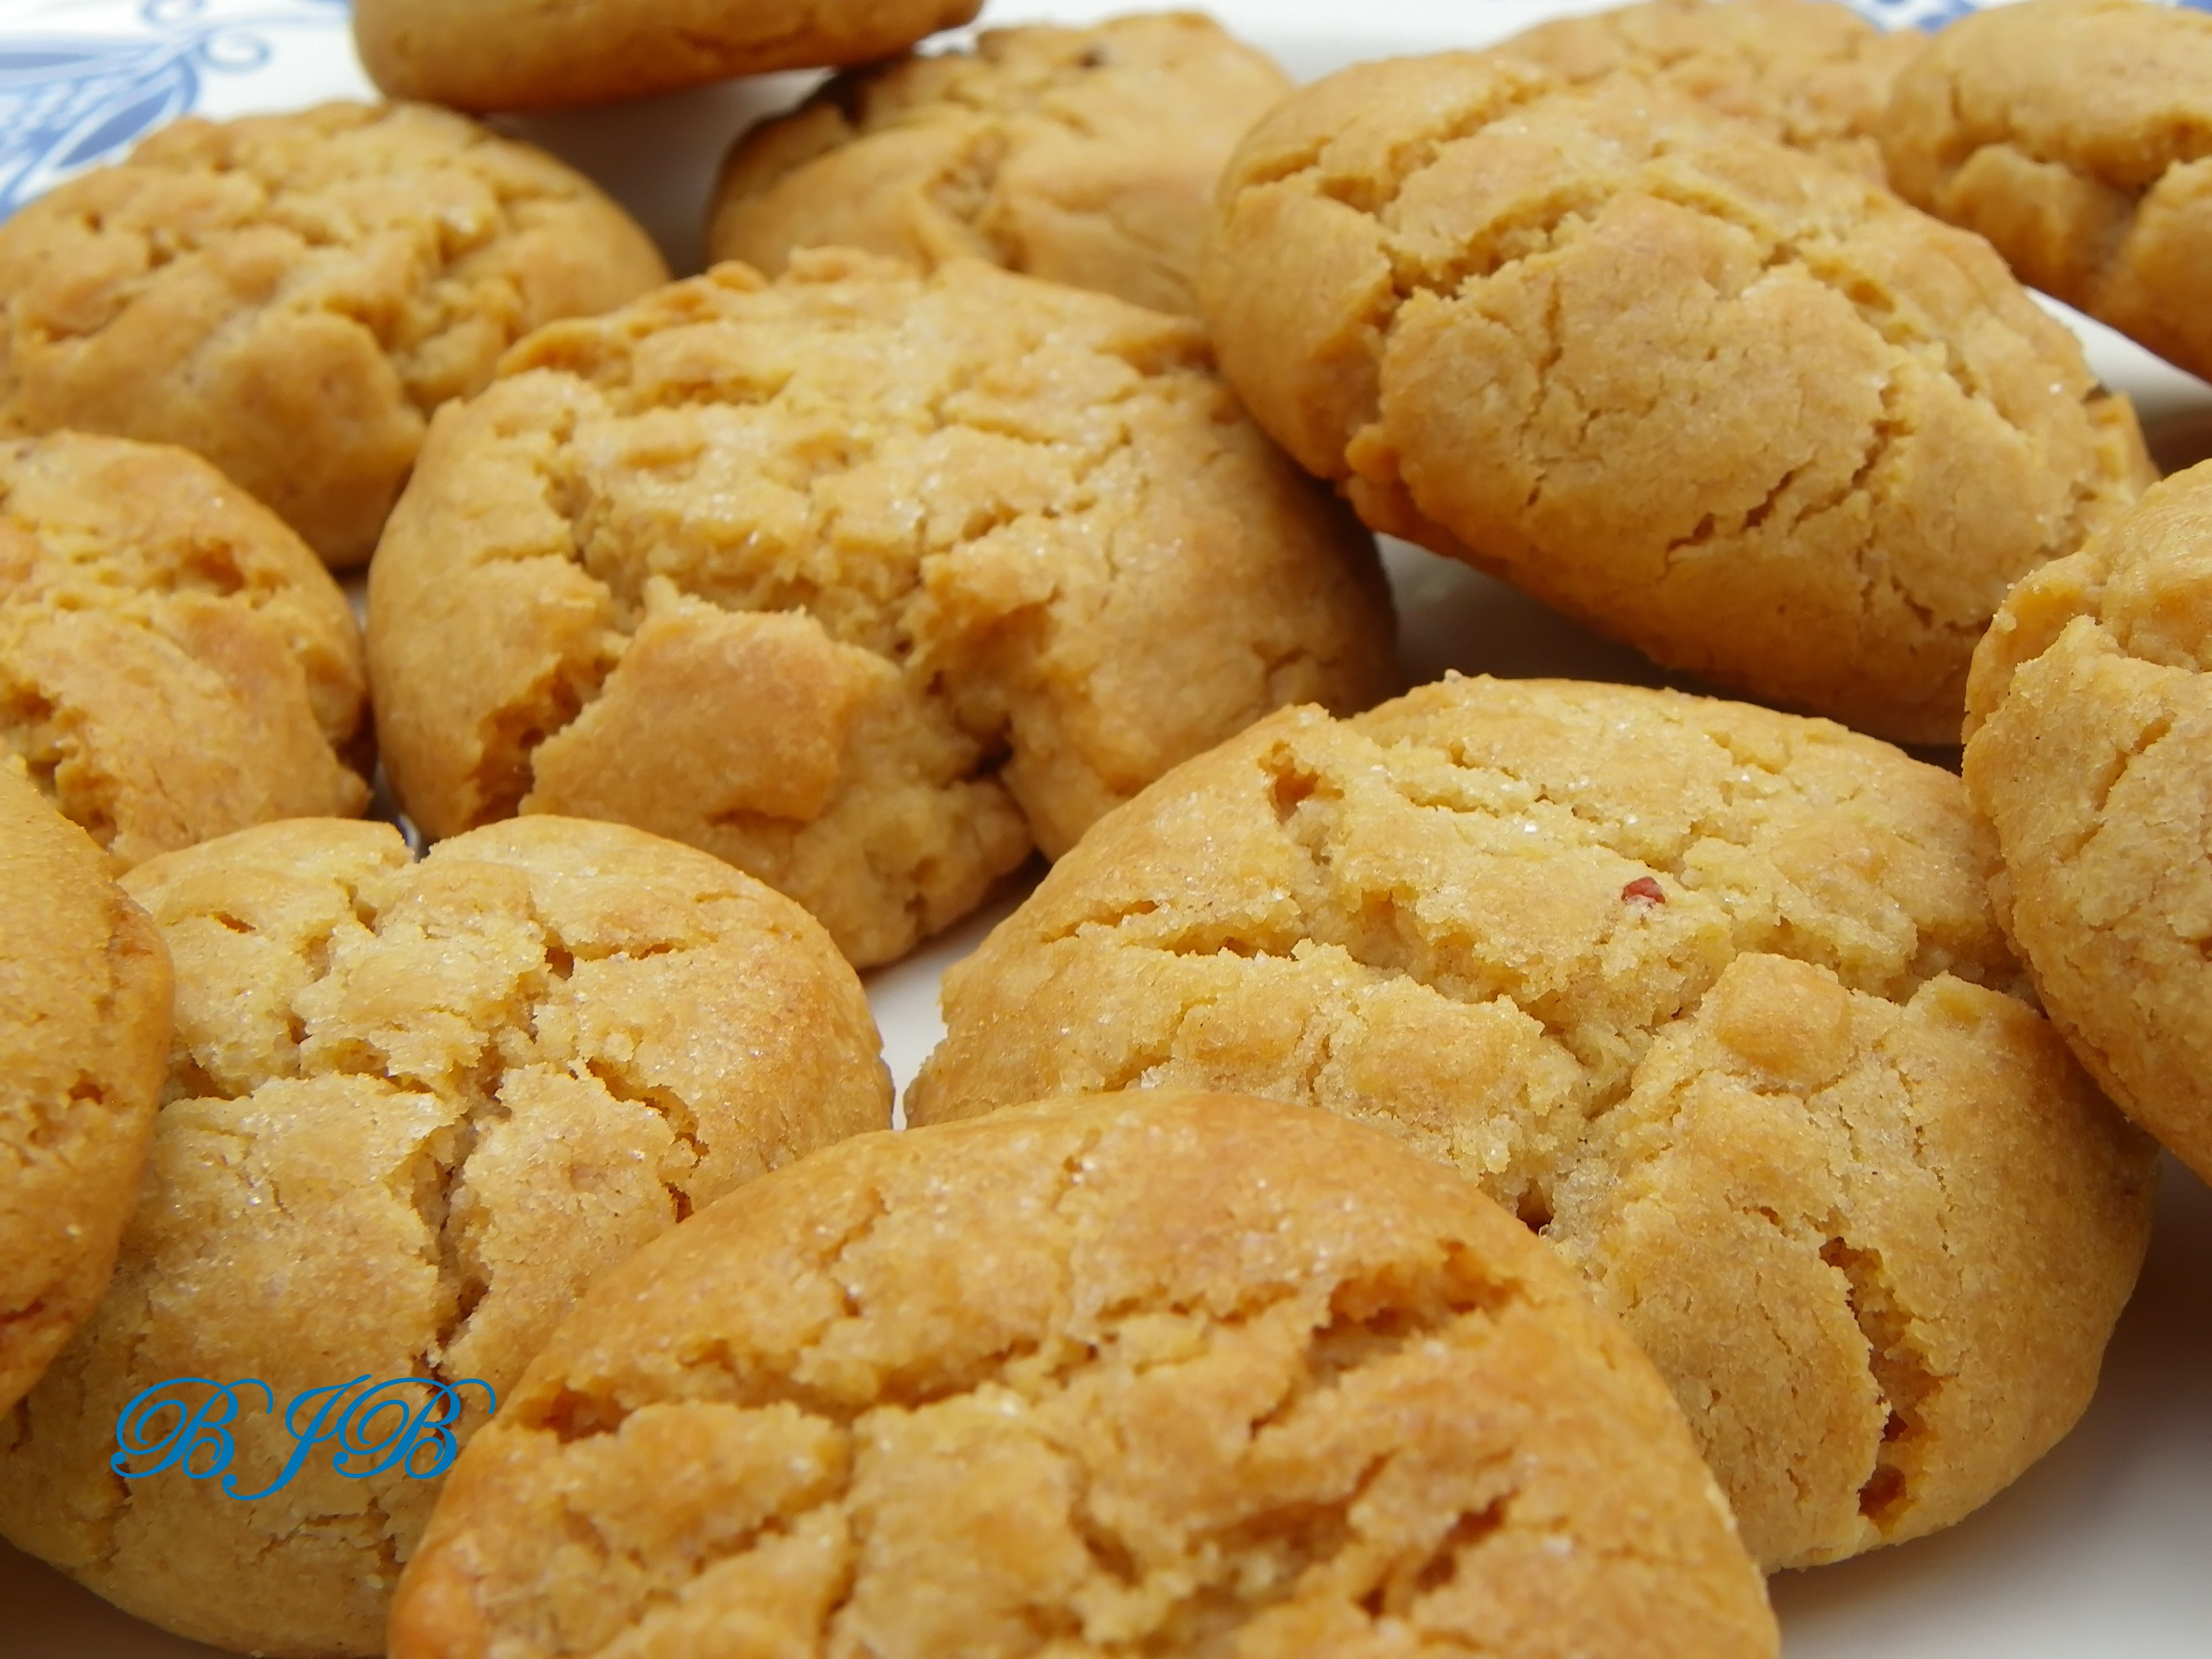 Galletas De Mantequilla De Cacahuete Maní Mantequilla De Cacahuate Galletas De Mantequilla De Cacahuete Mantequilla De Cacahuete